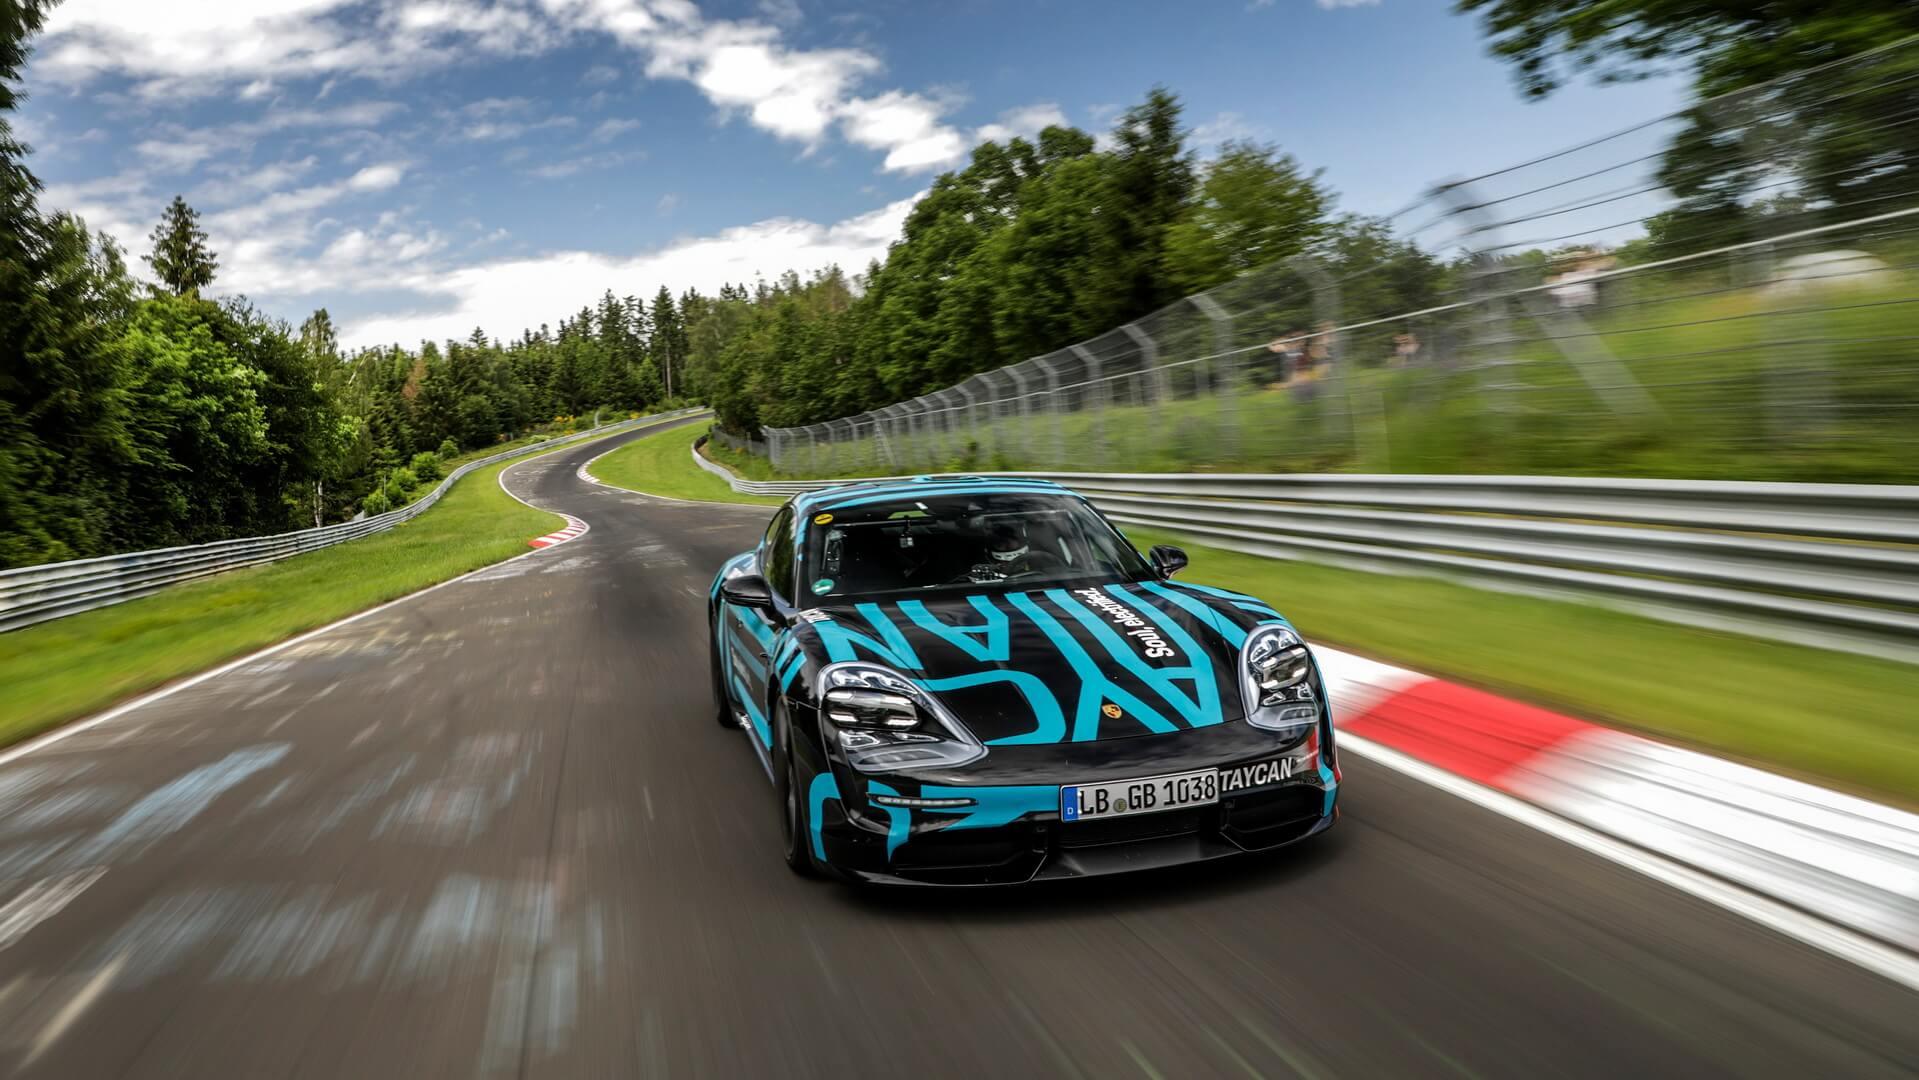 Porsche Taycan — самый быстрый четырехдверный электромобиль на трассе Нюрбургринг Нордшляйфе